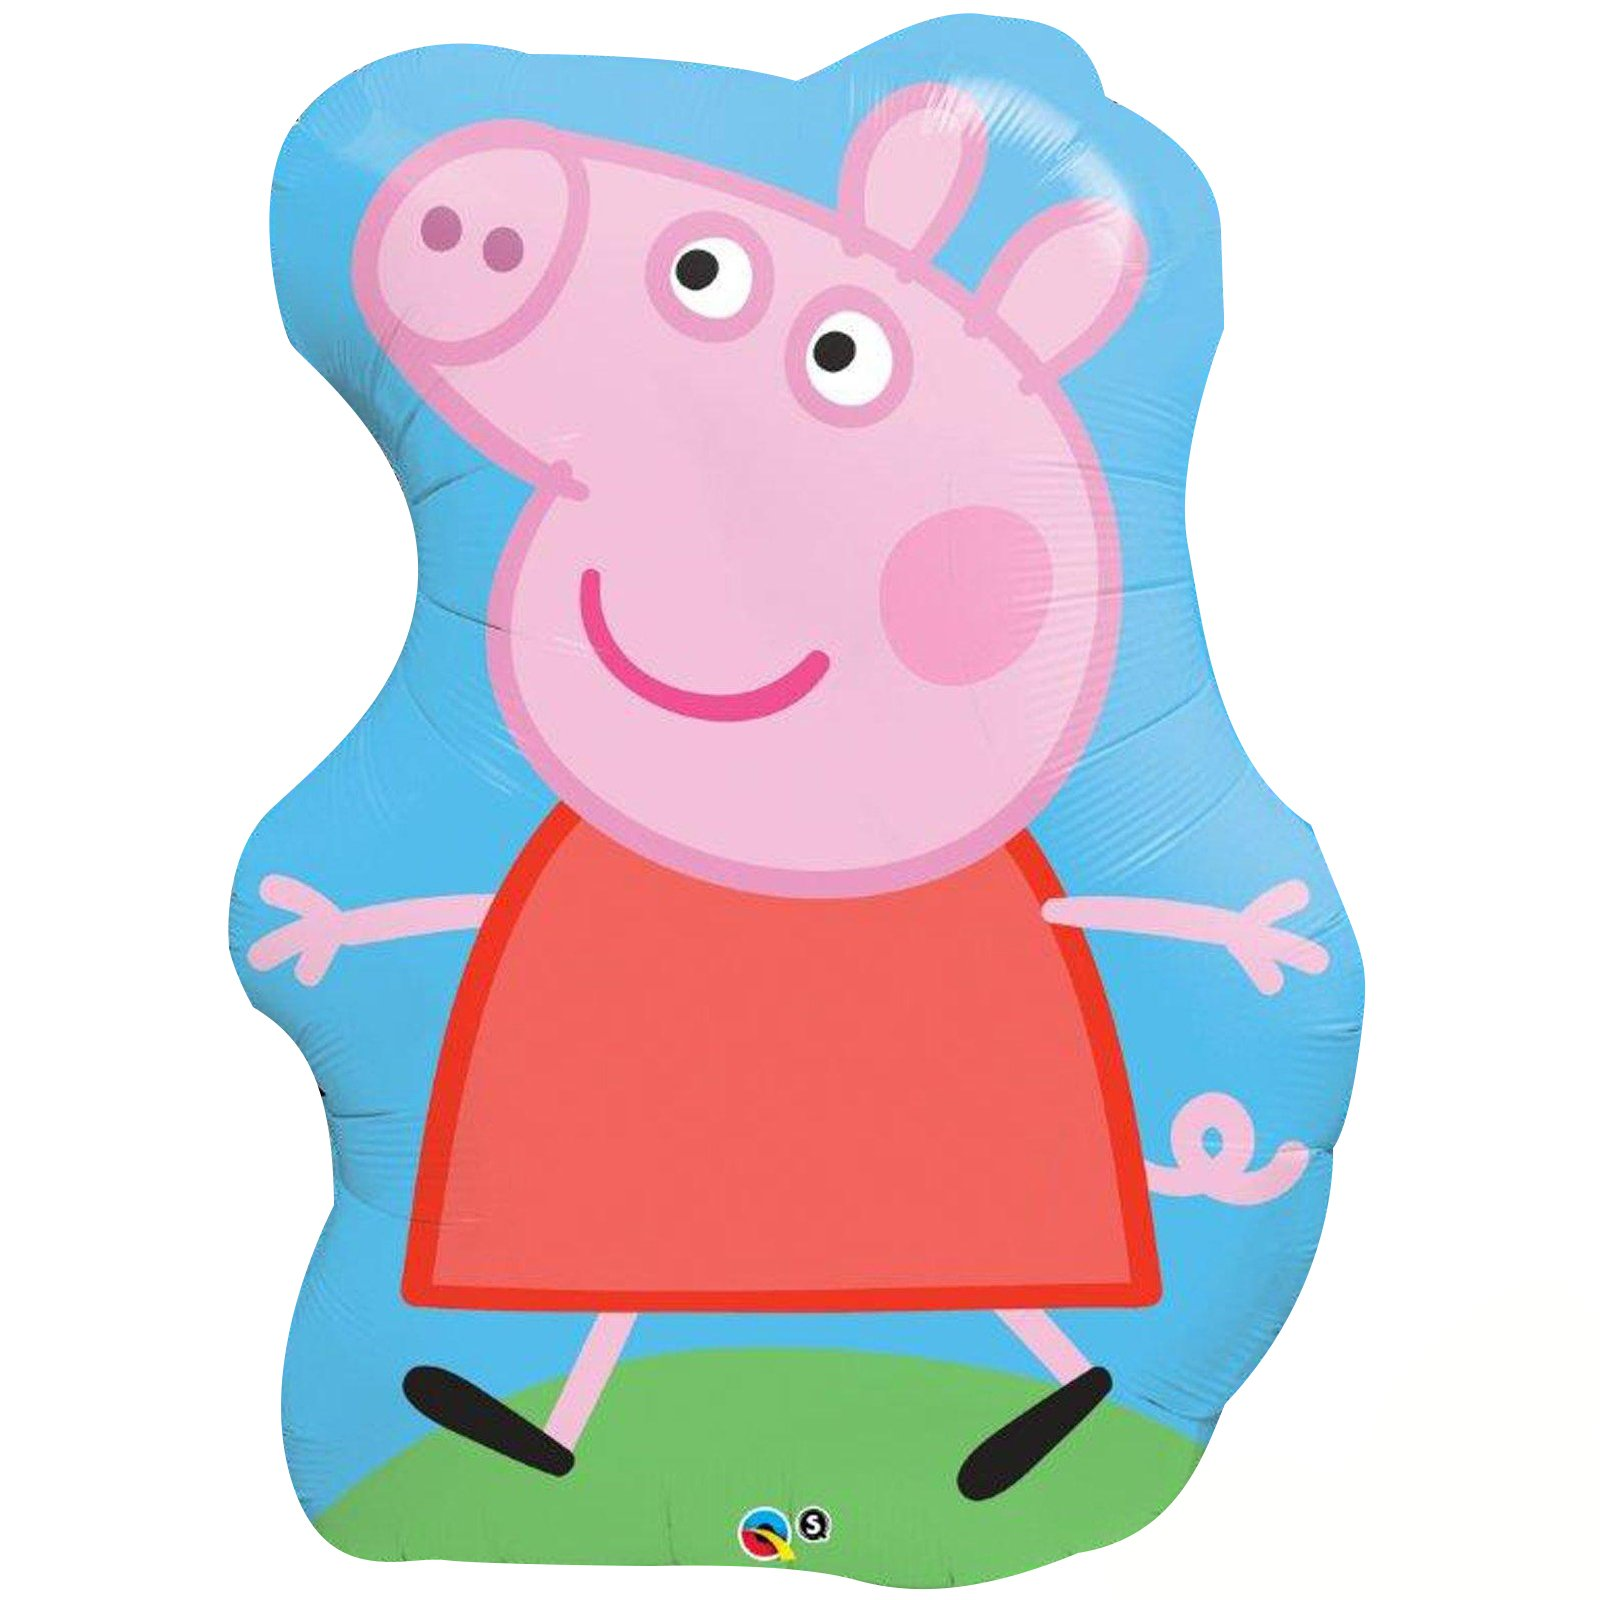 1600x1600 Balloon Clipart Peppa Pig